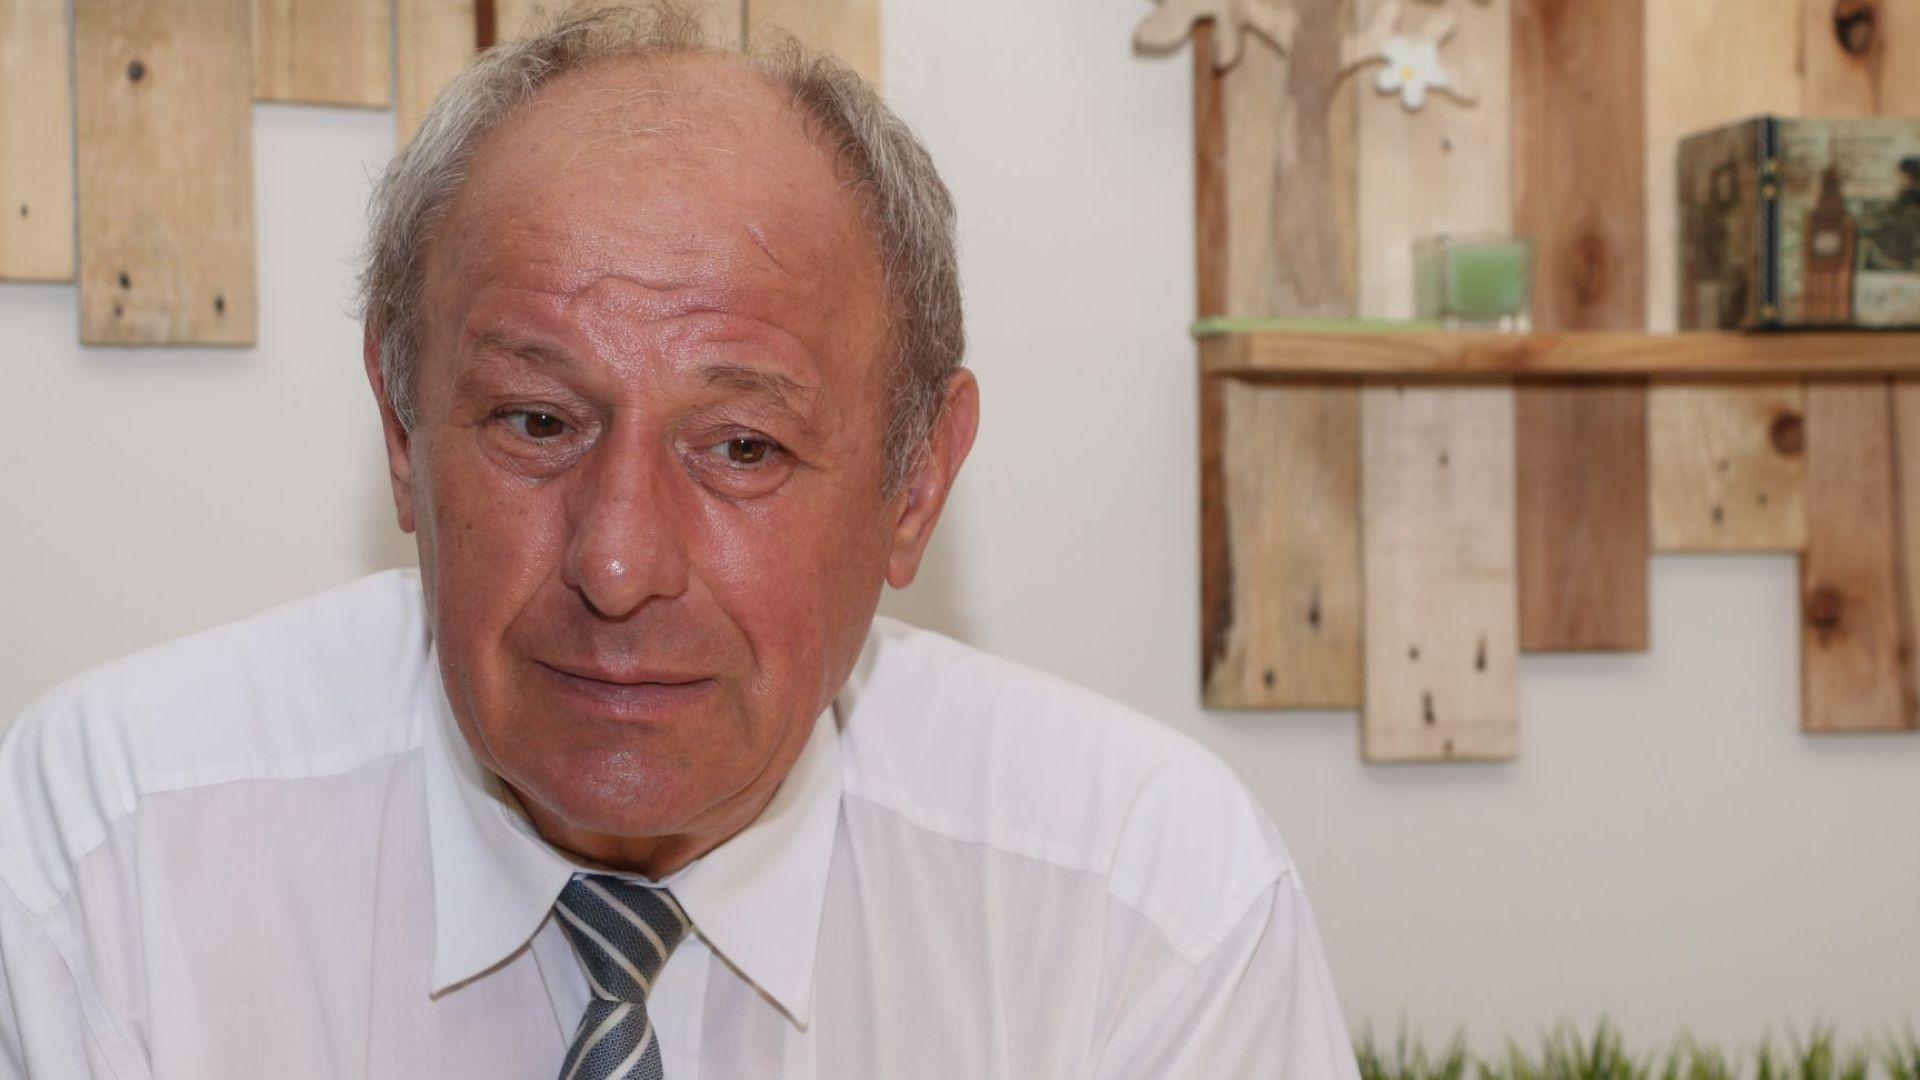 Адвокат Стефан Стефанов: Александров удря по тялото Тонев няколко пъти на места, на които не остават следи